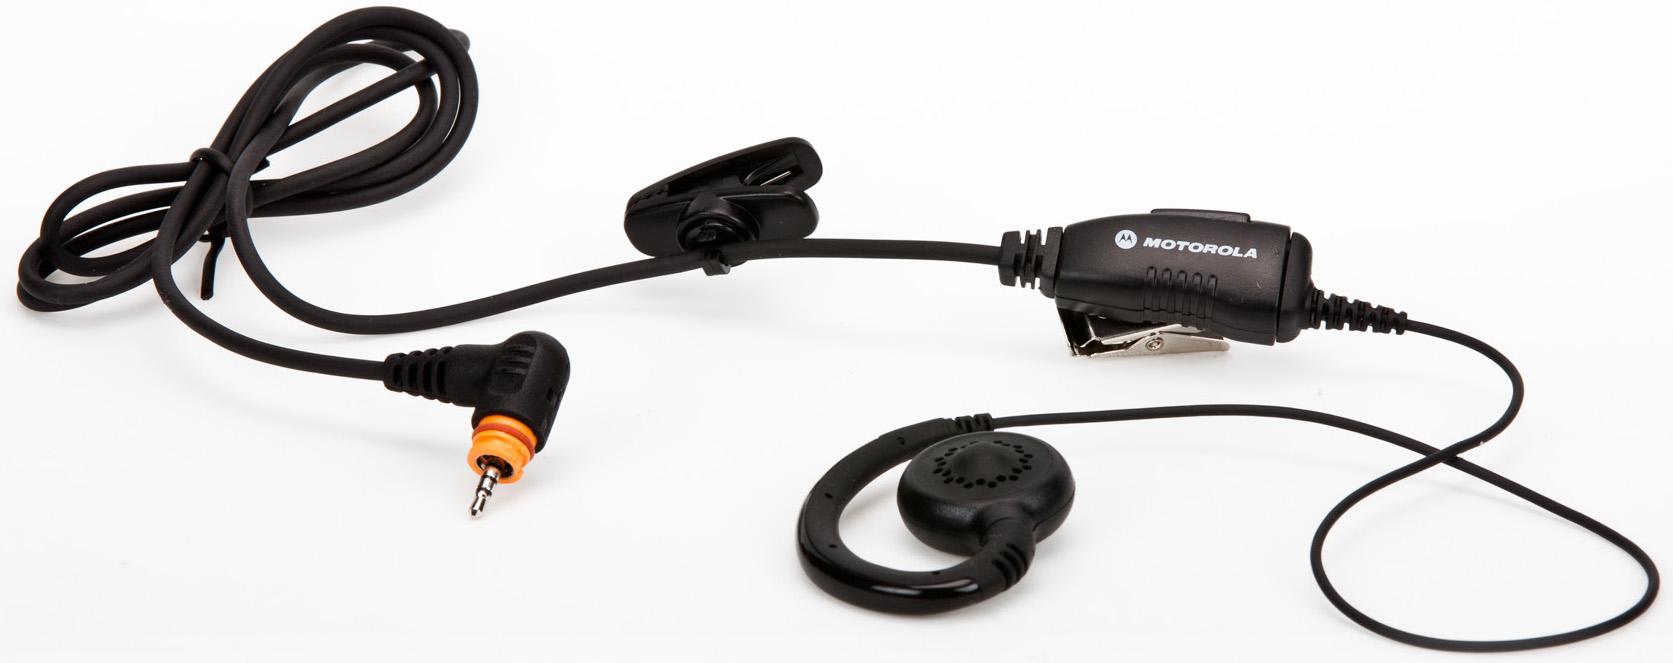 Motorola PMLN5958A - 2-delad handsfree med öronbygel  e2e448f320580